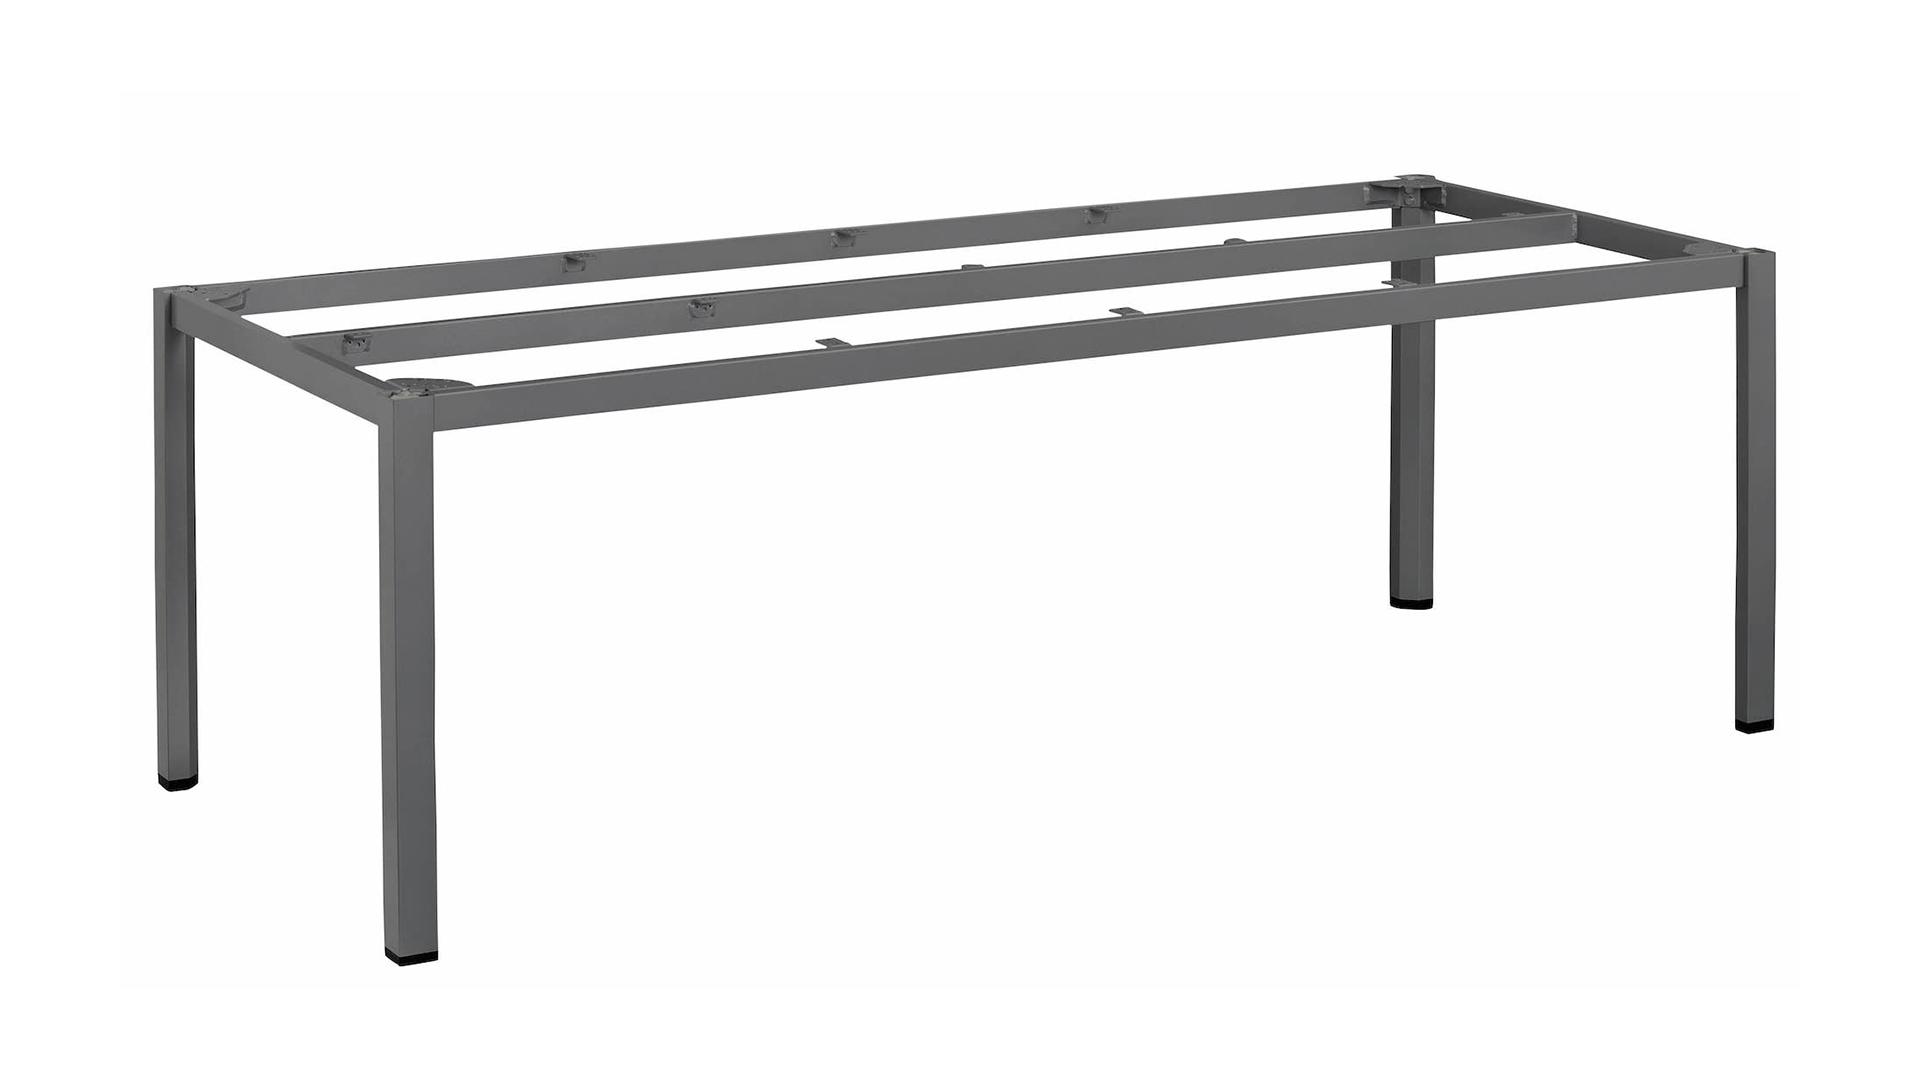 CUBIC Aluminium Tischgestell 220 x 95 x 72 cm